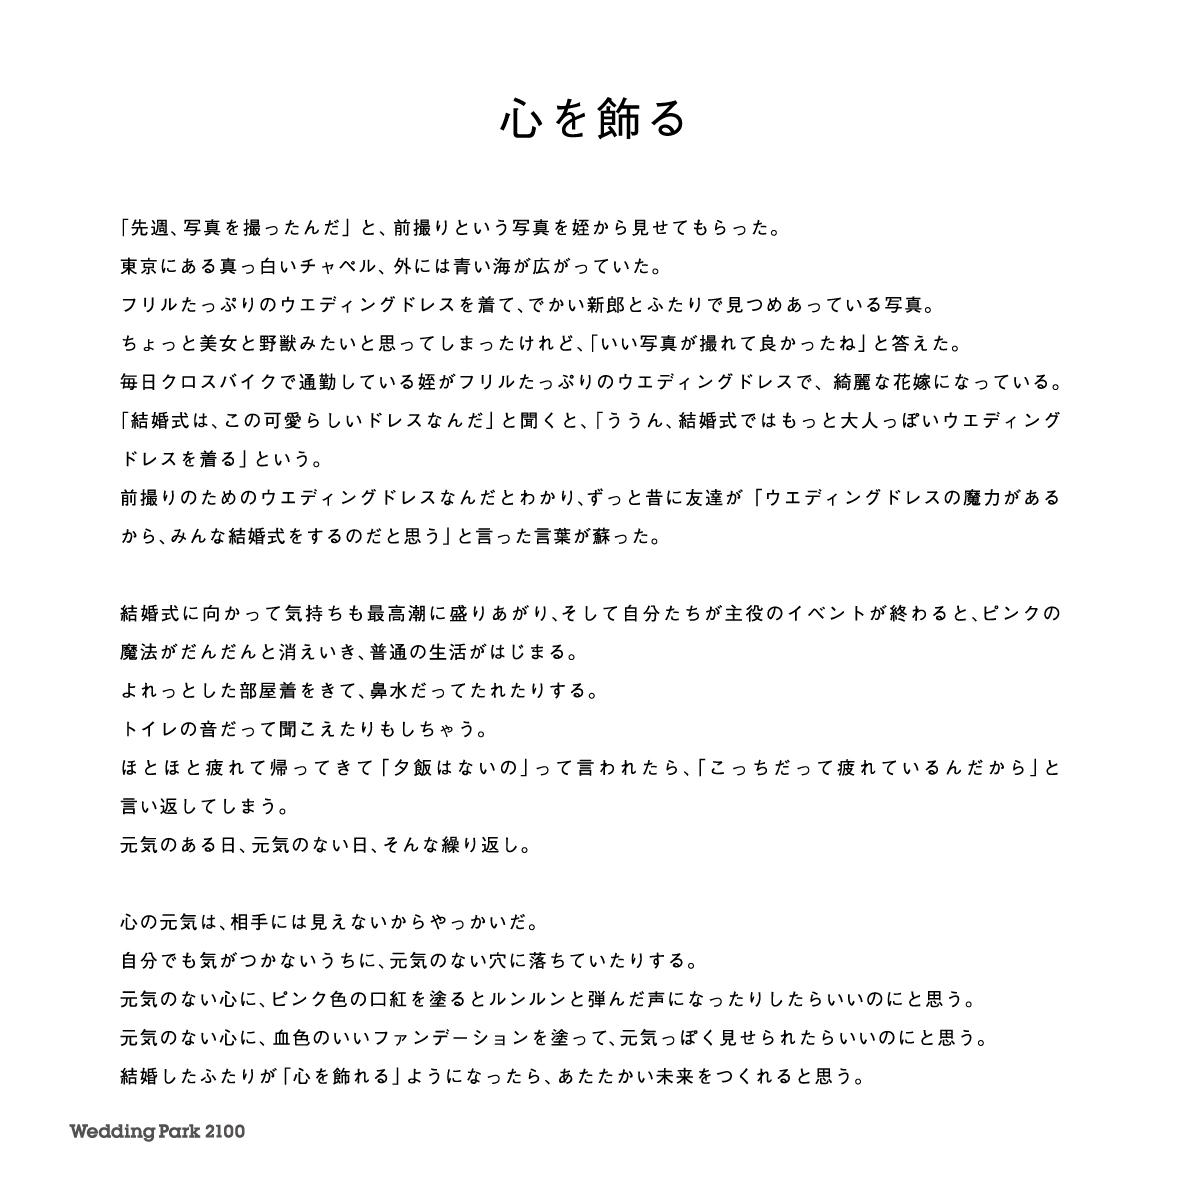 【Wedding Park 2100】ヤスダユミコ